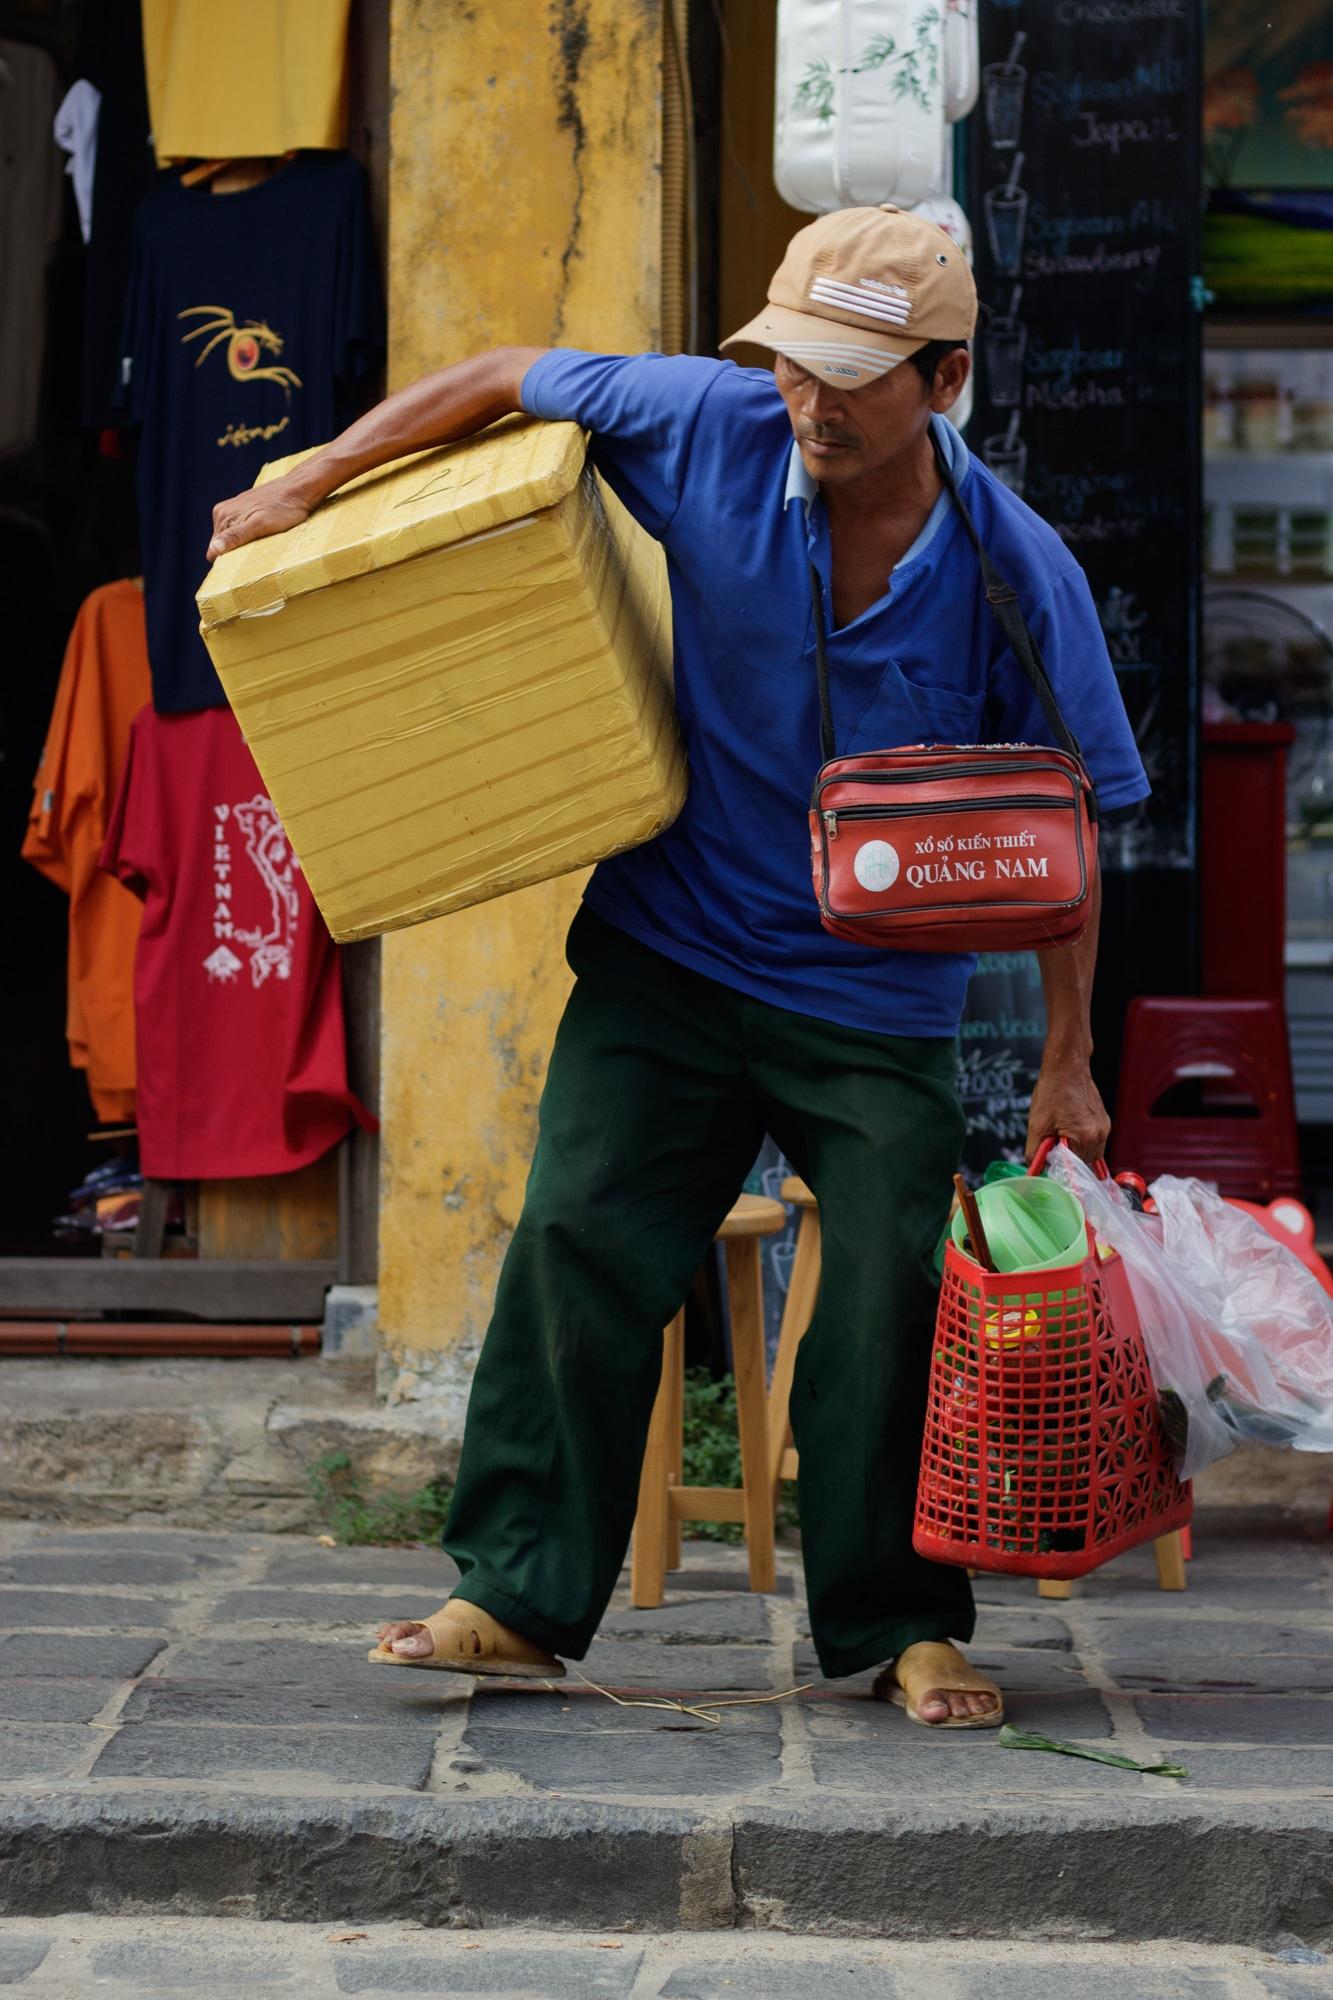 A street food vendor in Hoi An, Vietnam.